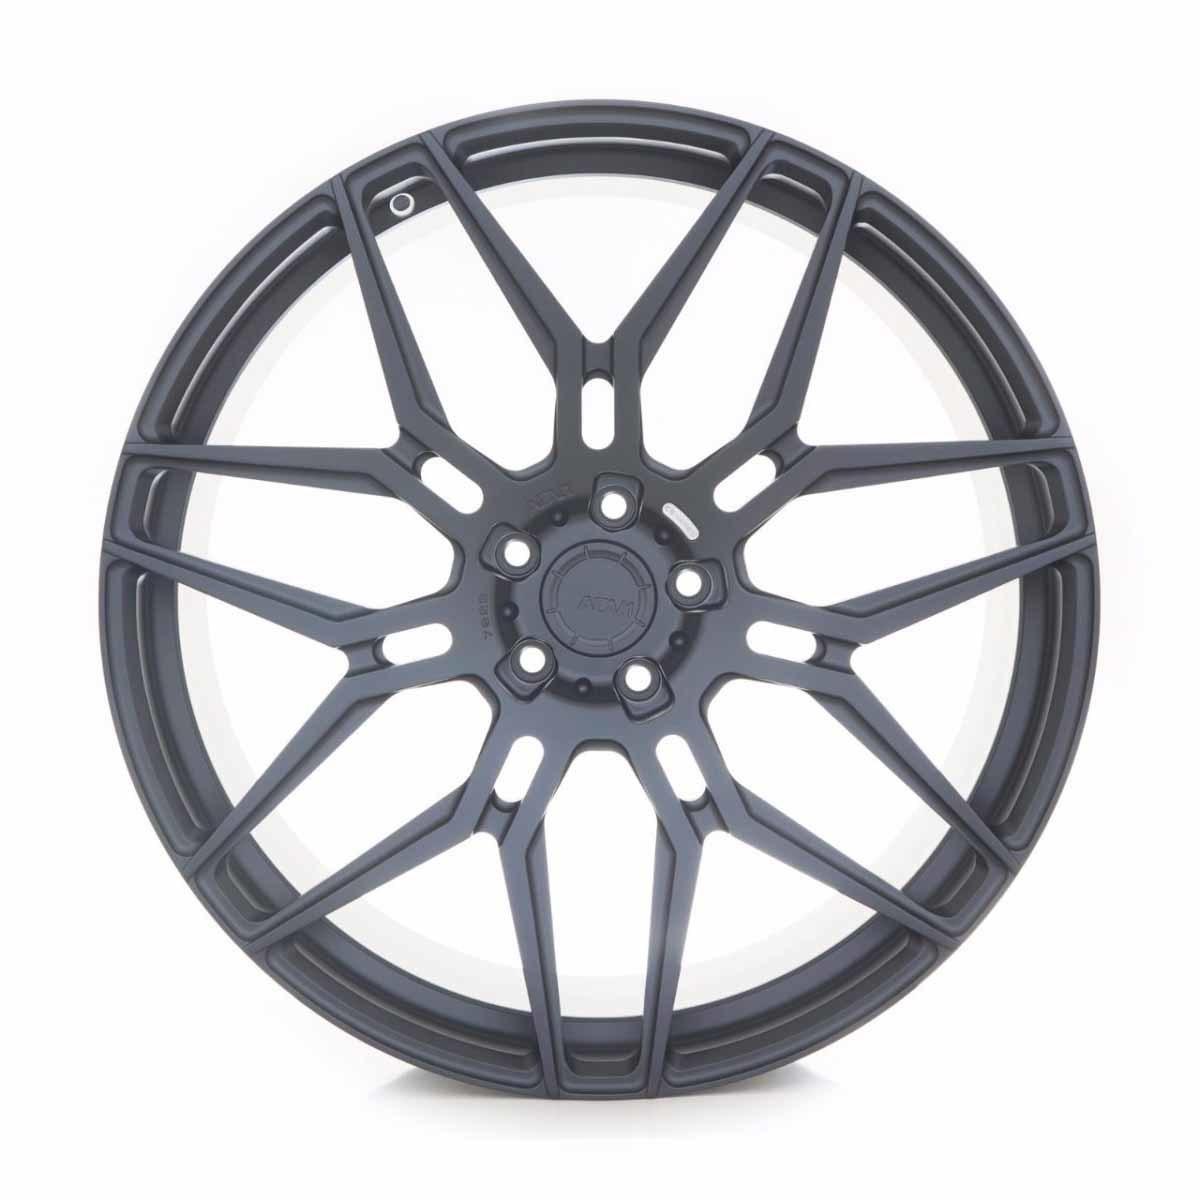 ADV.1 ADV7 M.V1 (CS Series) forged wheels